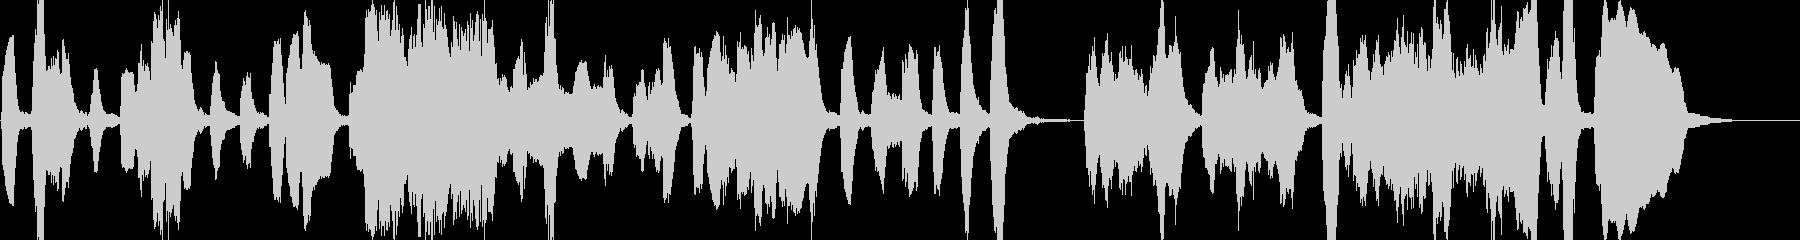 低音デュオの音楽の未再生の波形